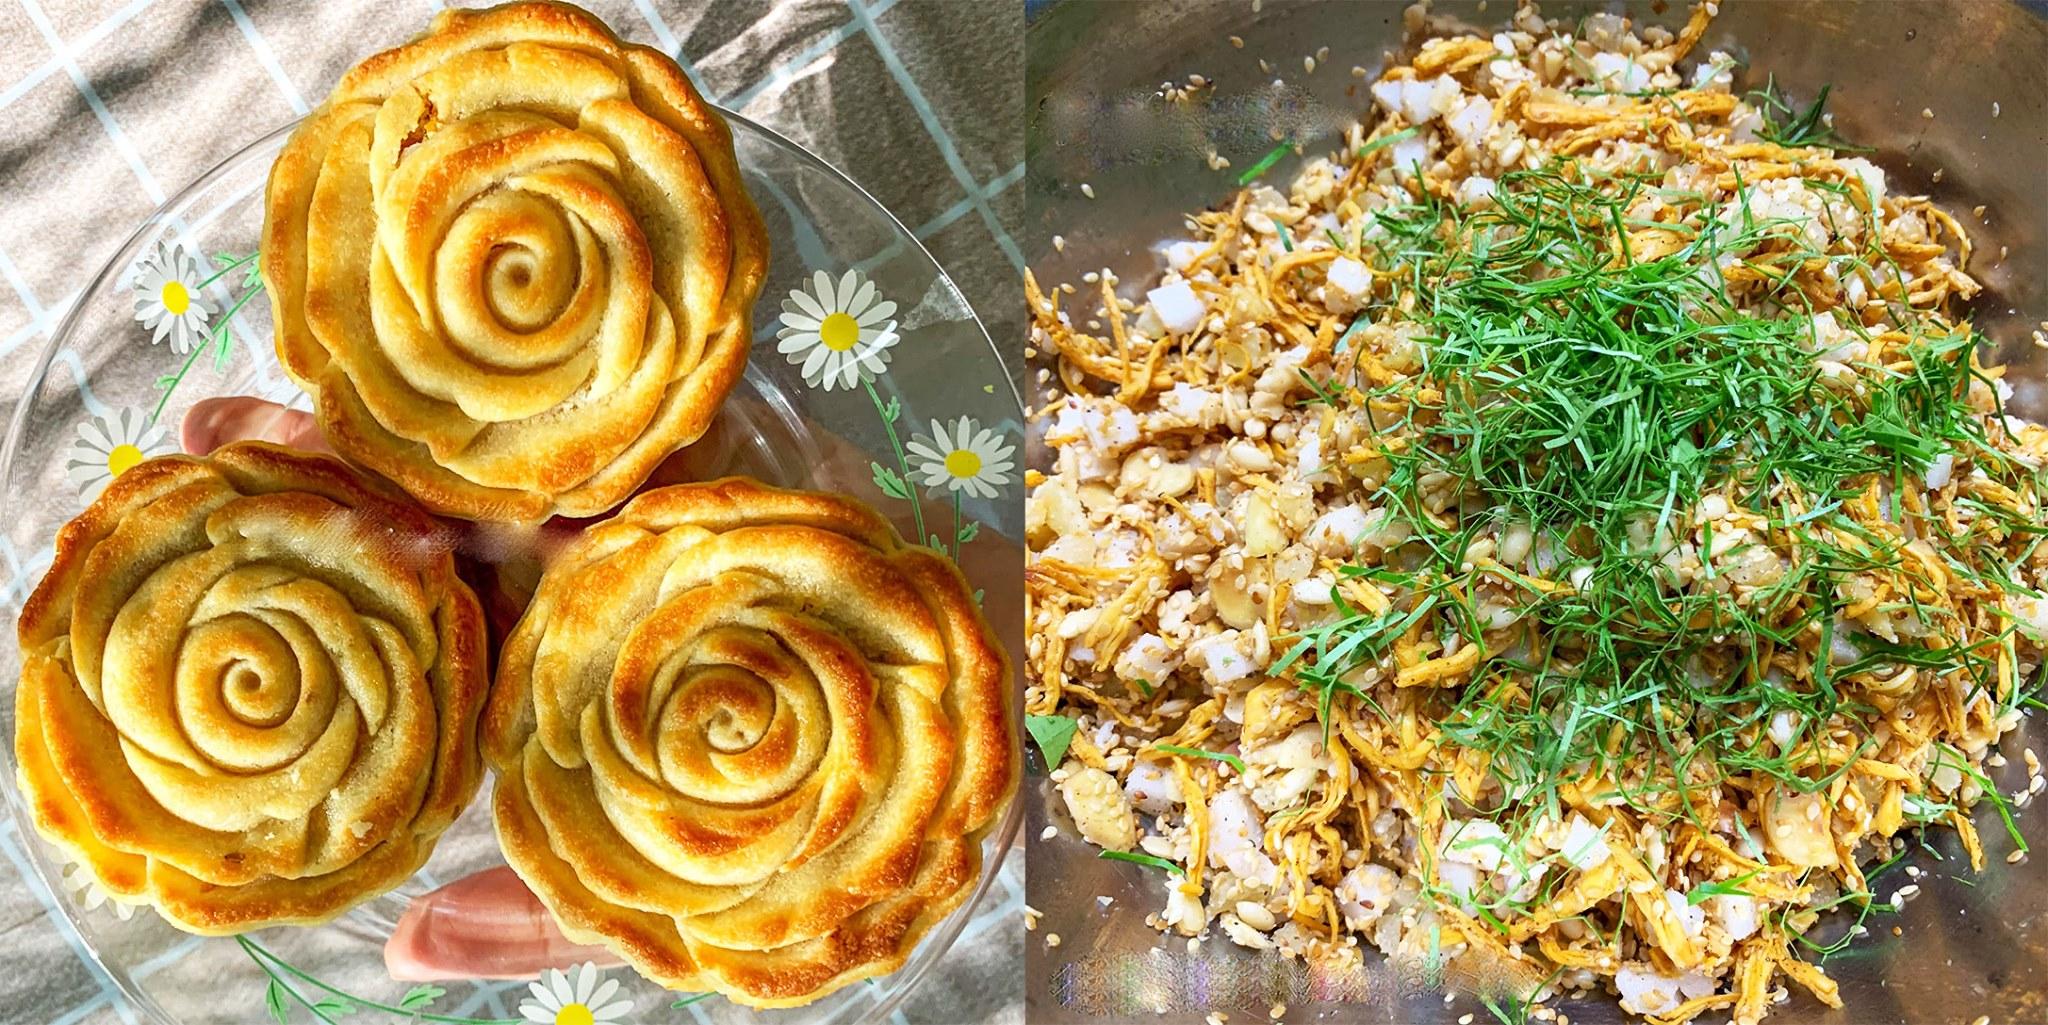 Công thức bánh trung thu keto nhân thập cẩm gà quay trứng muối